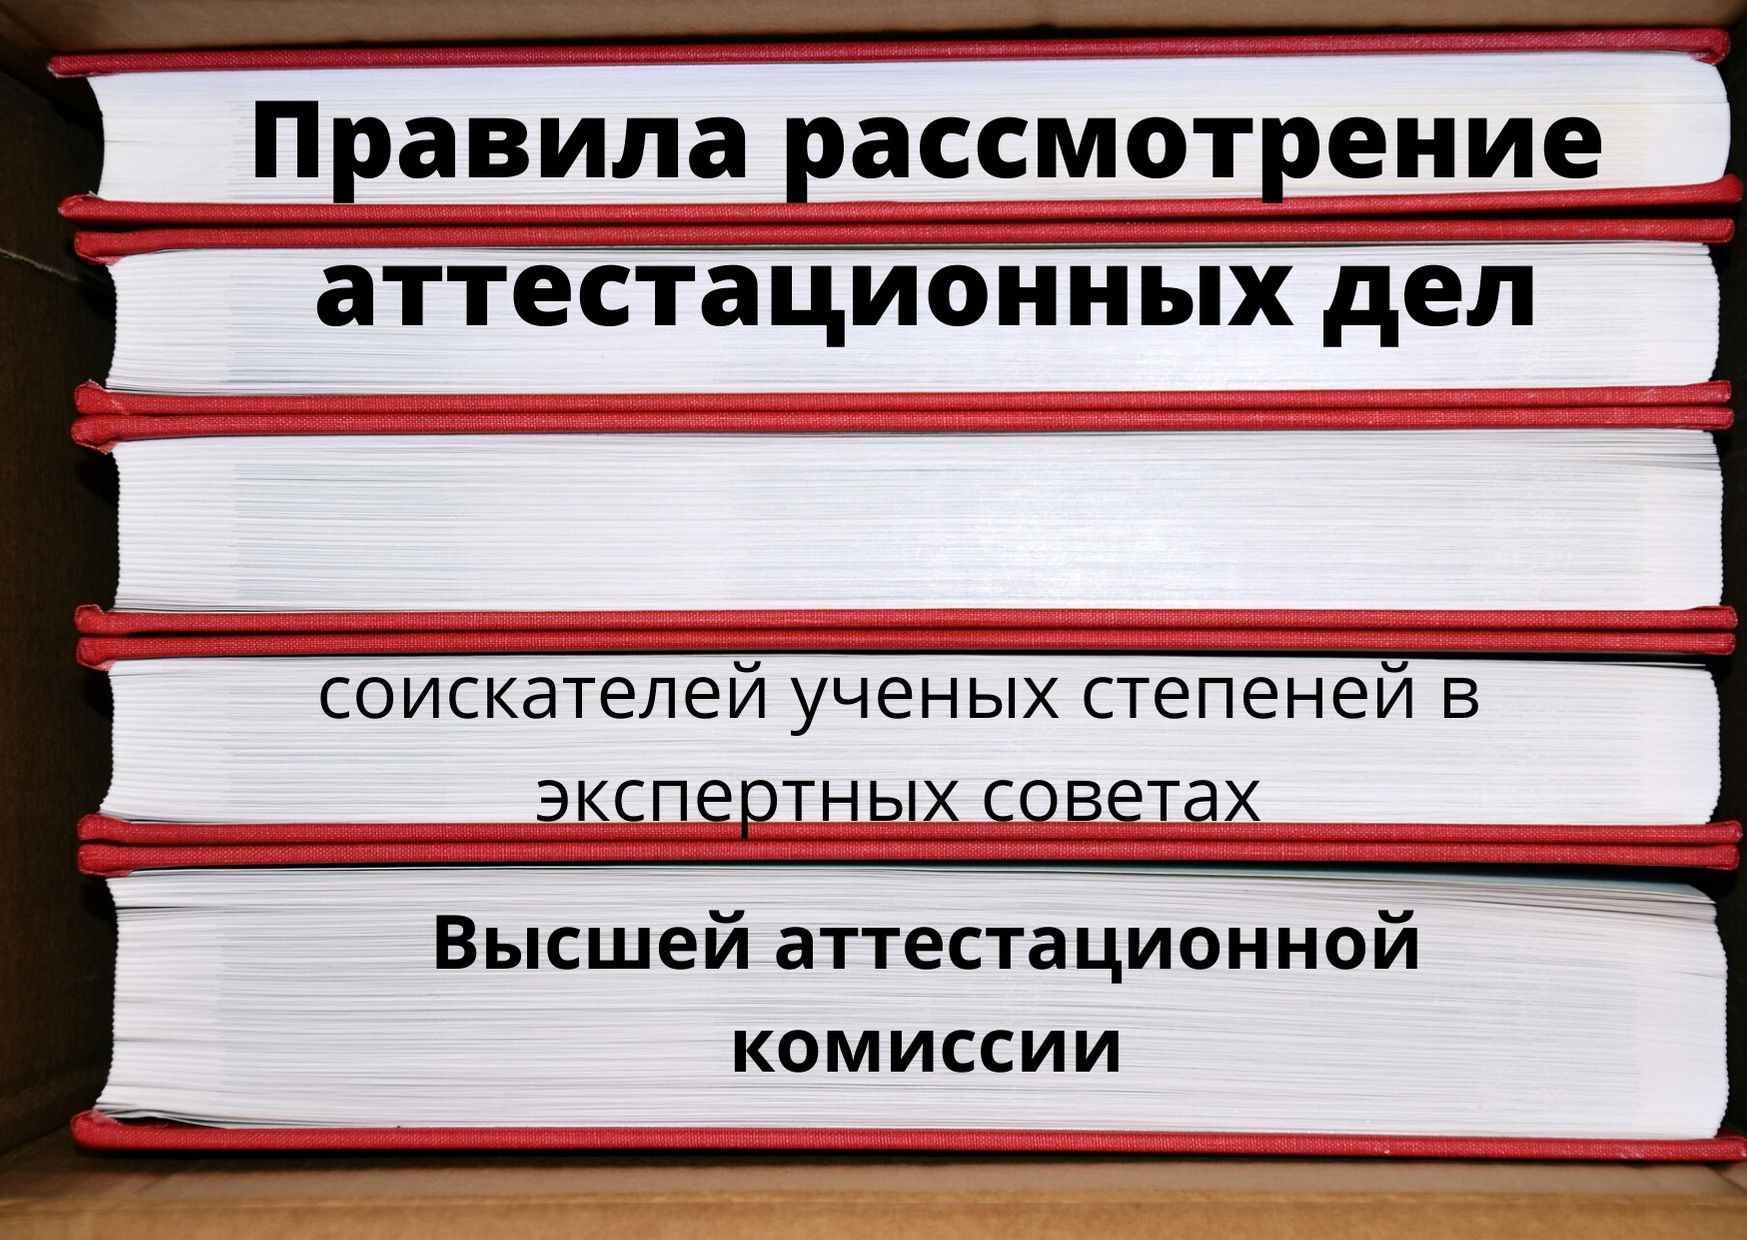 Правила рассмотрение аттестационных дел соискателей ученых степеней в экспертных советах Высшей аттестационной комиссии